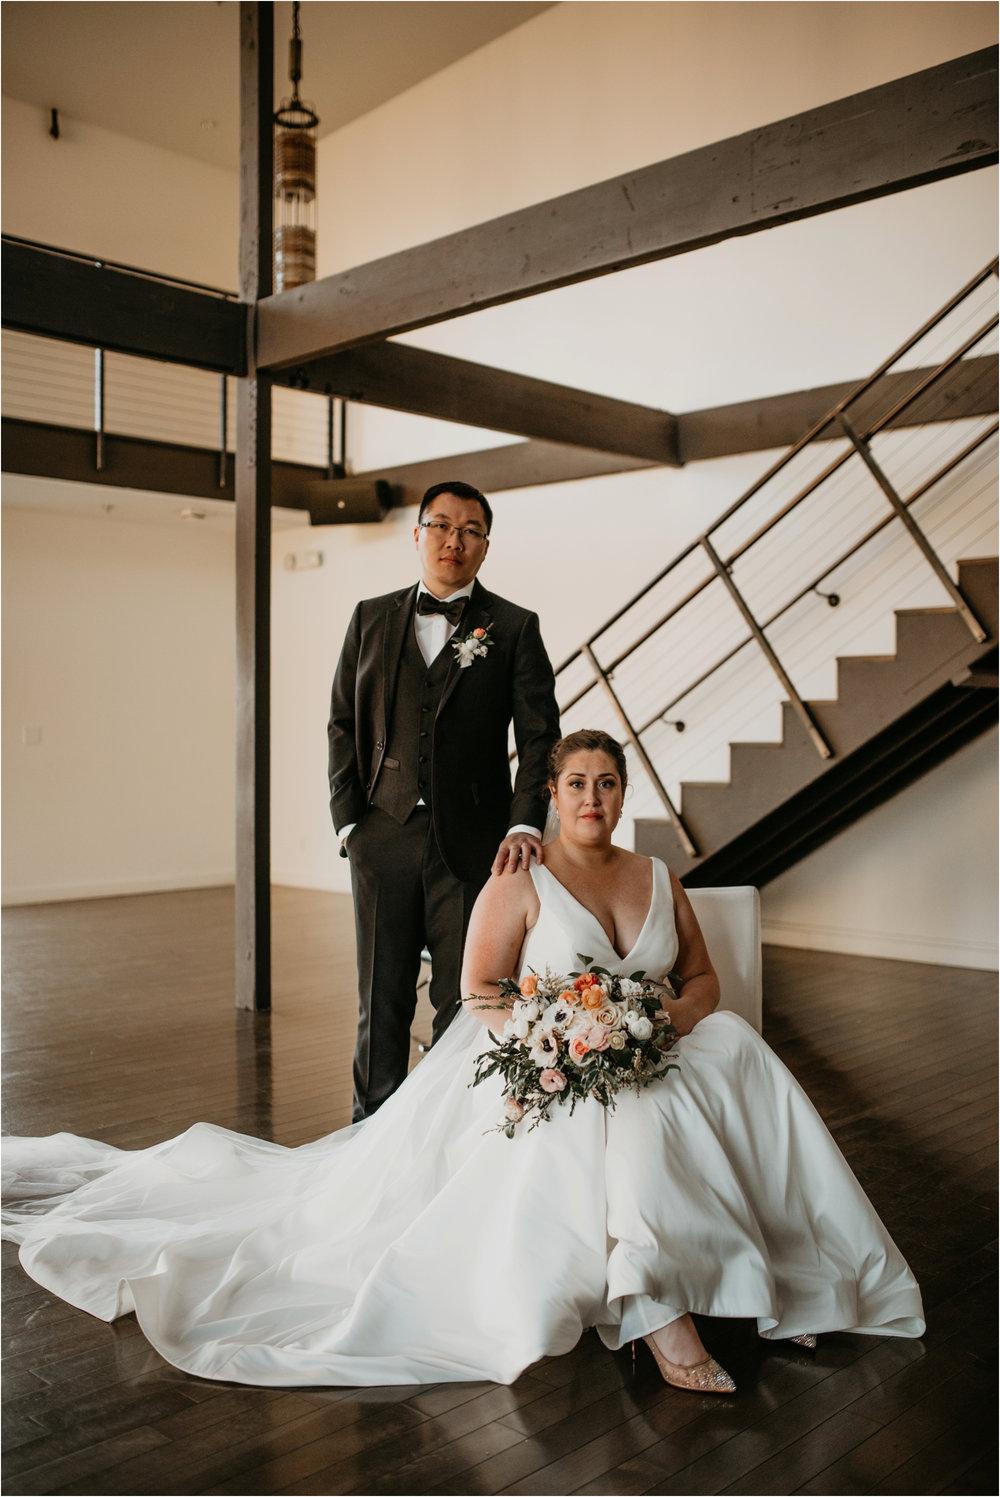 ashley-and-david-fremont-foundry-seattle-washington-wedding-photographer-060.jpg